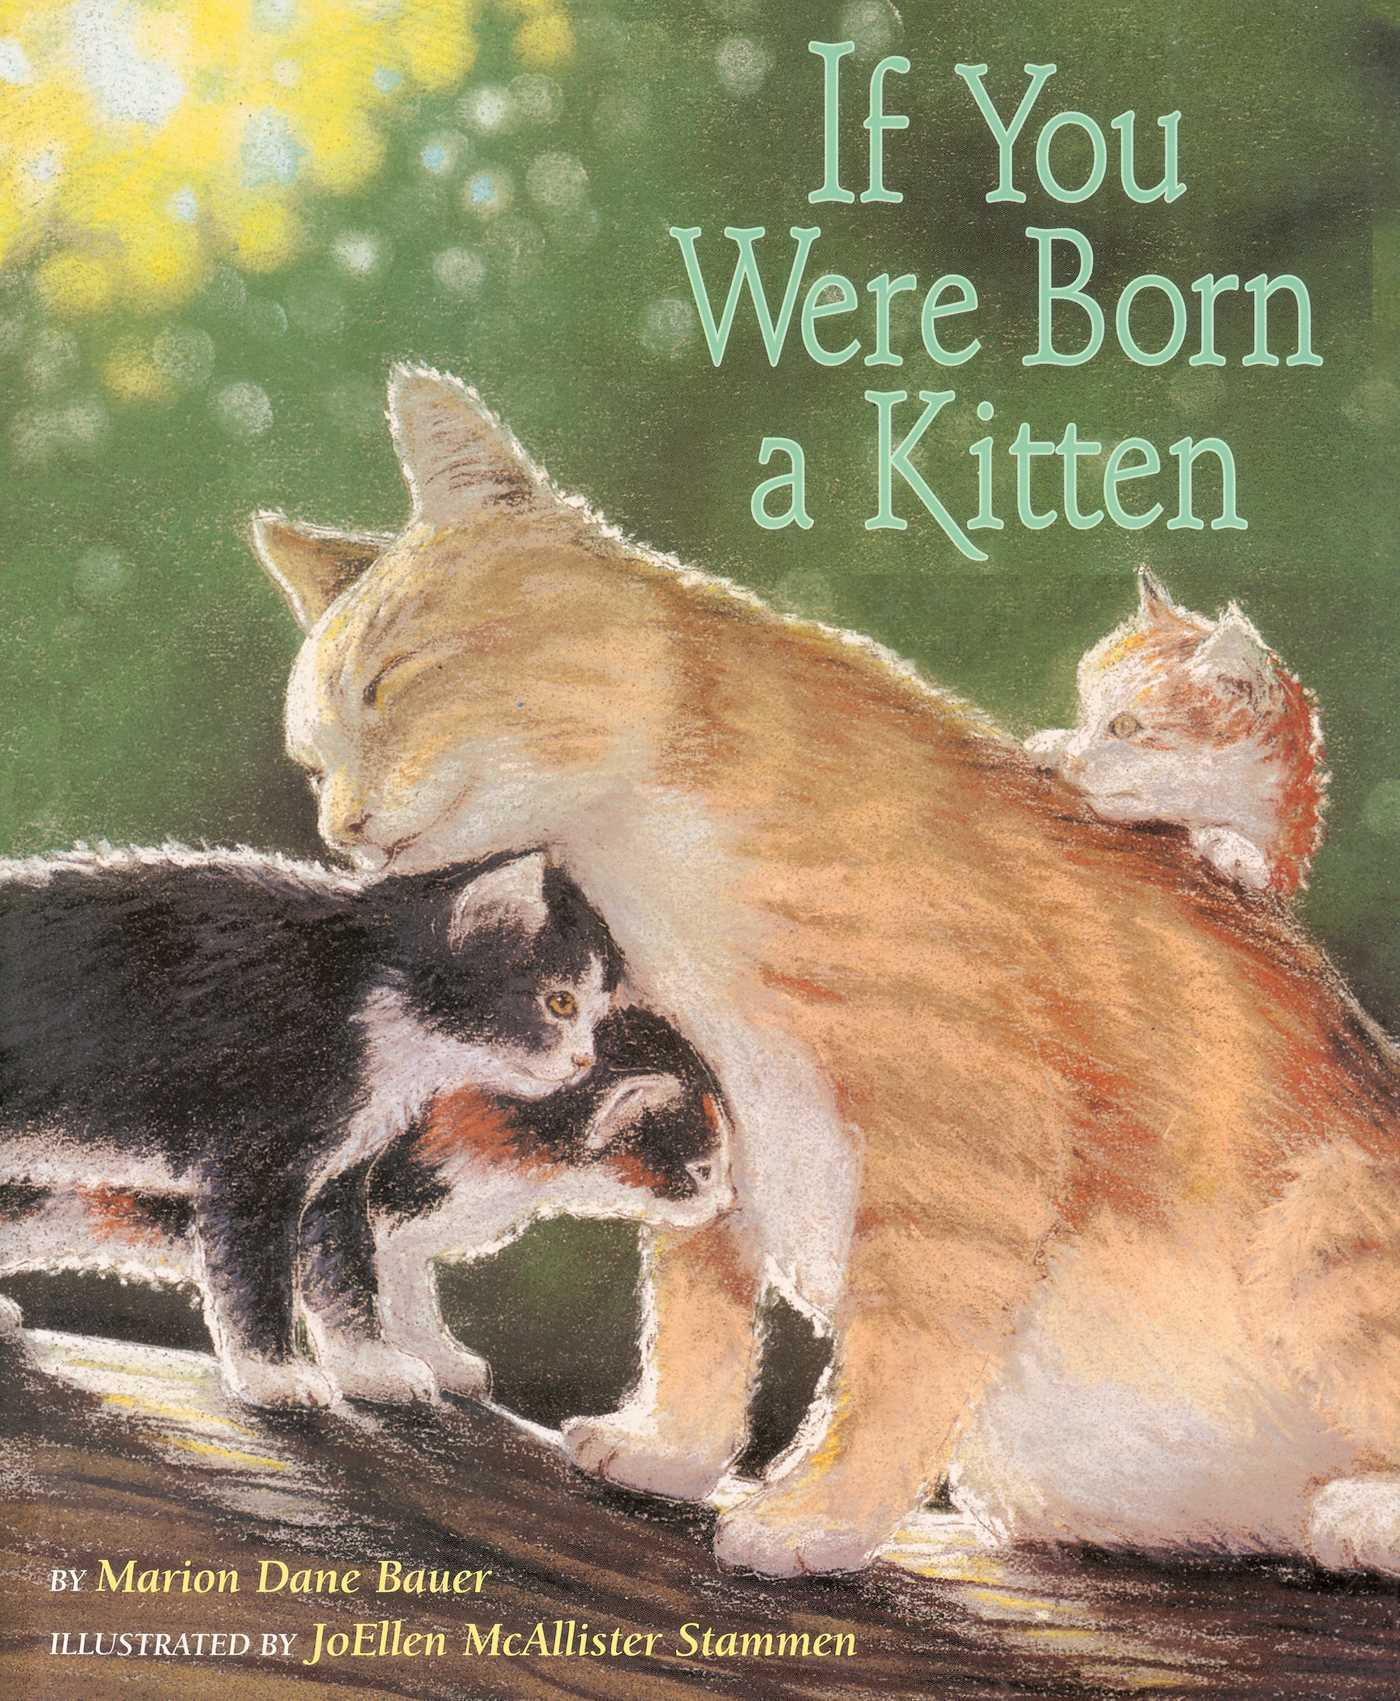 If you were born a kitten 9781481442480 hr